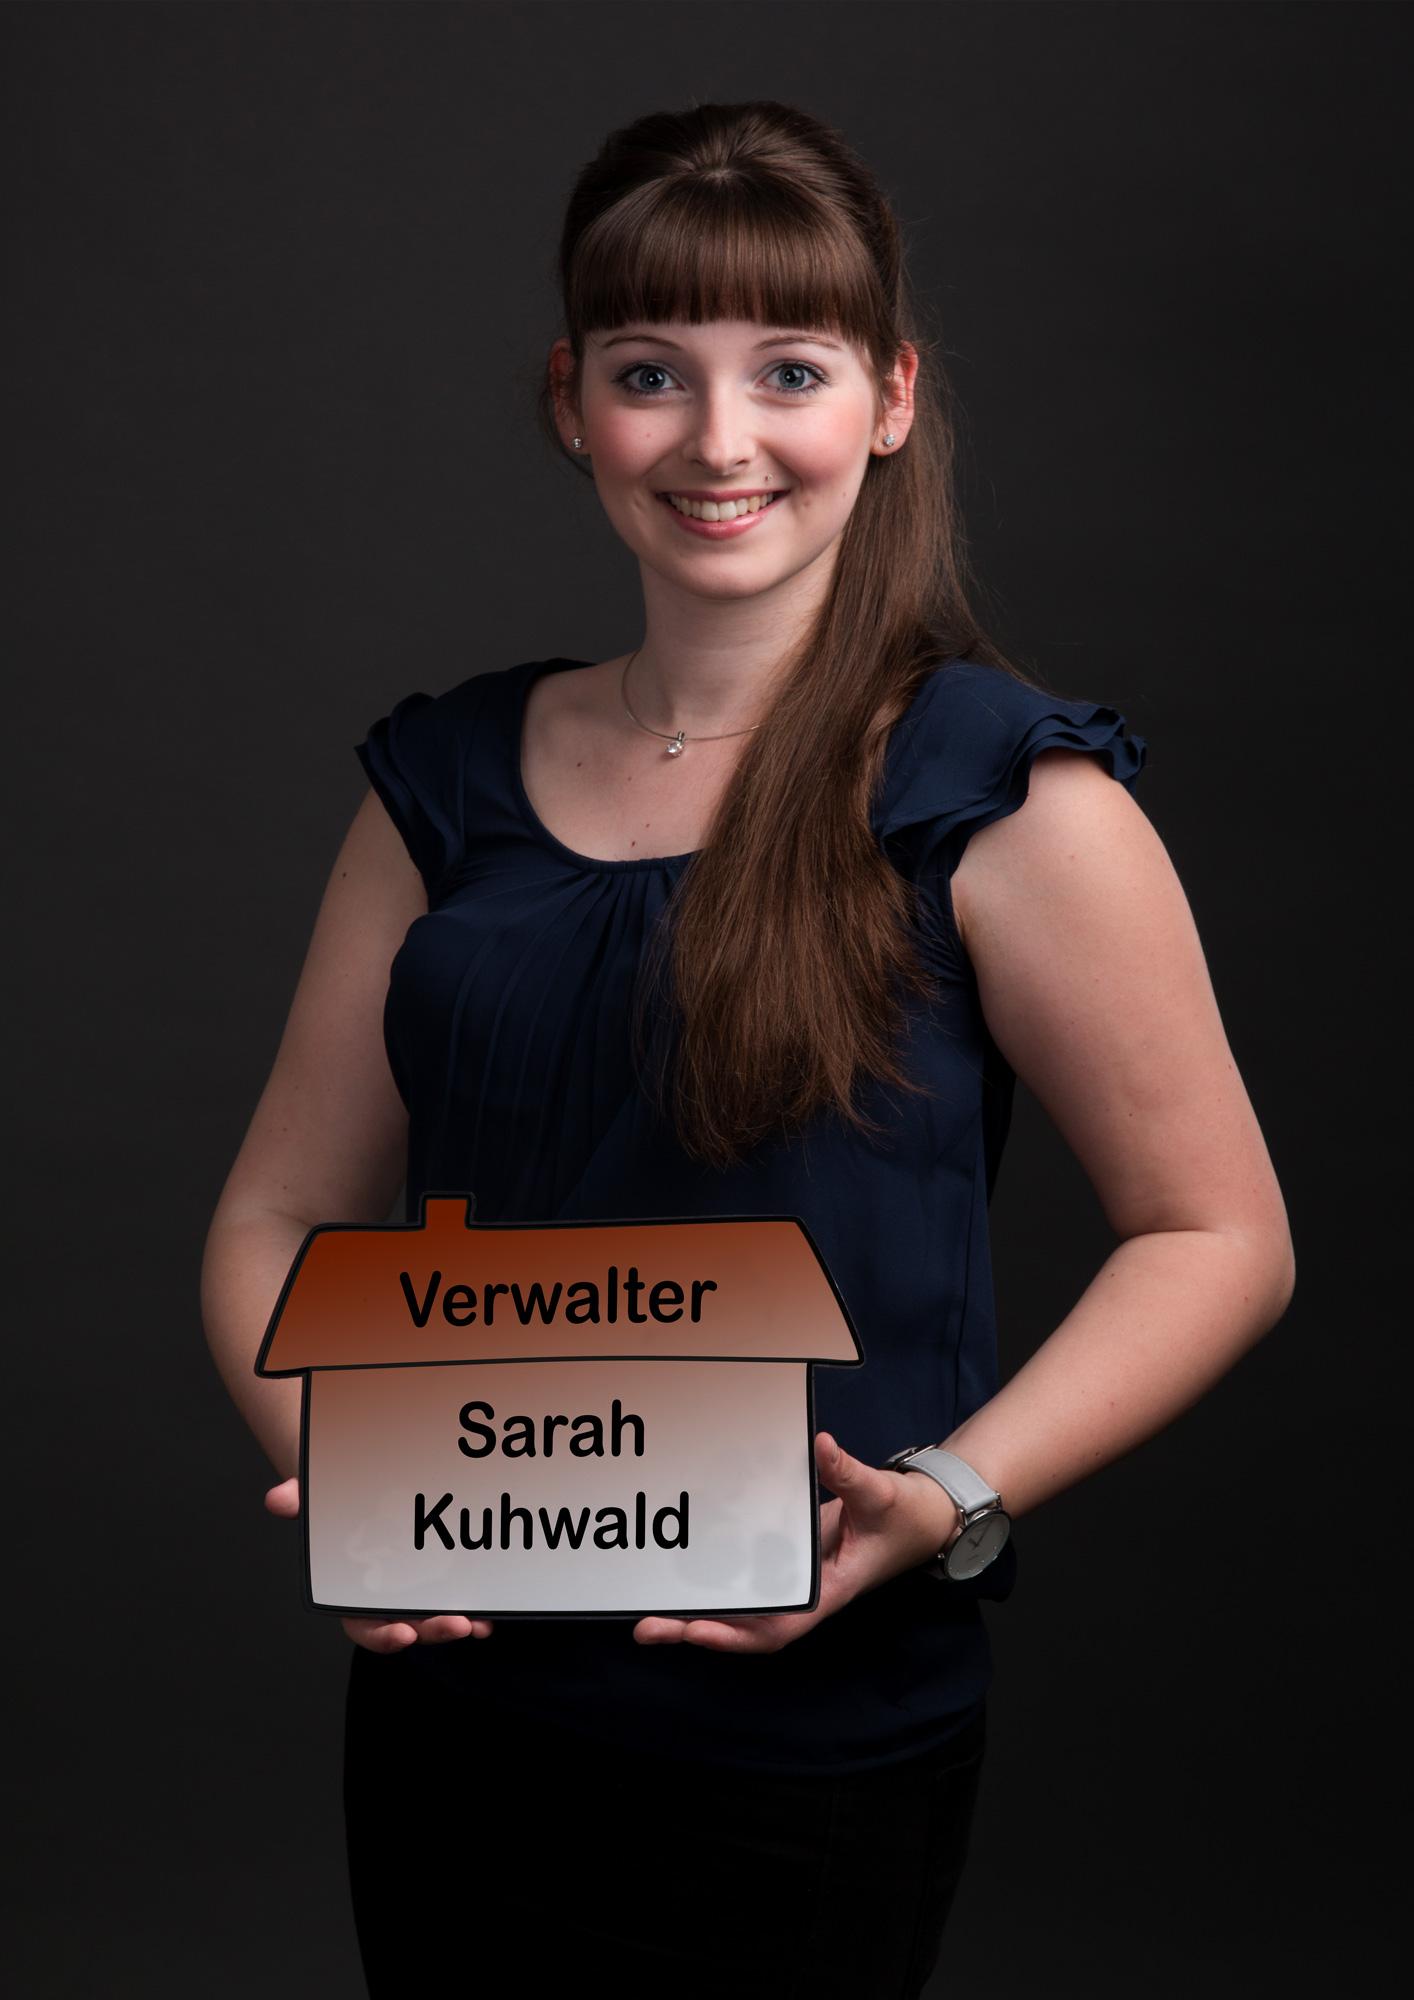 Sarah Kuhwald